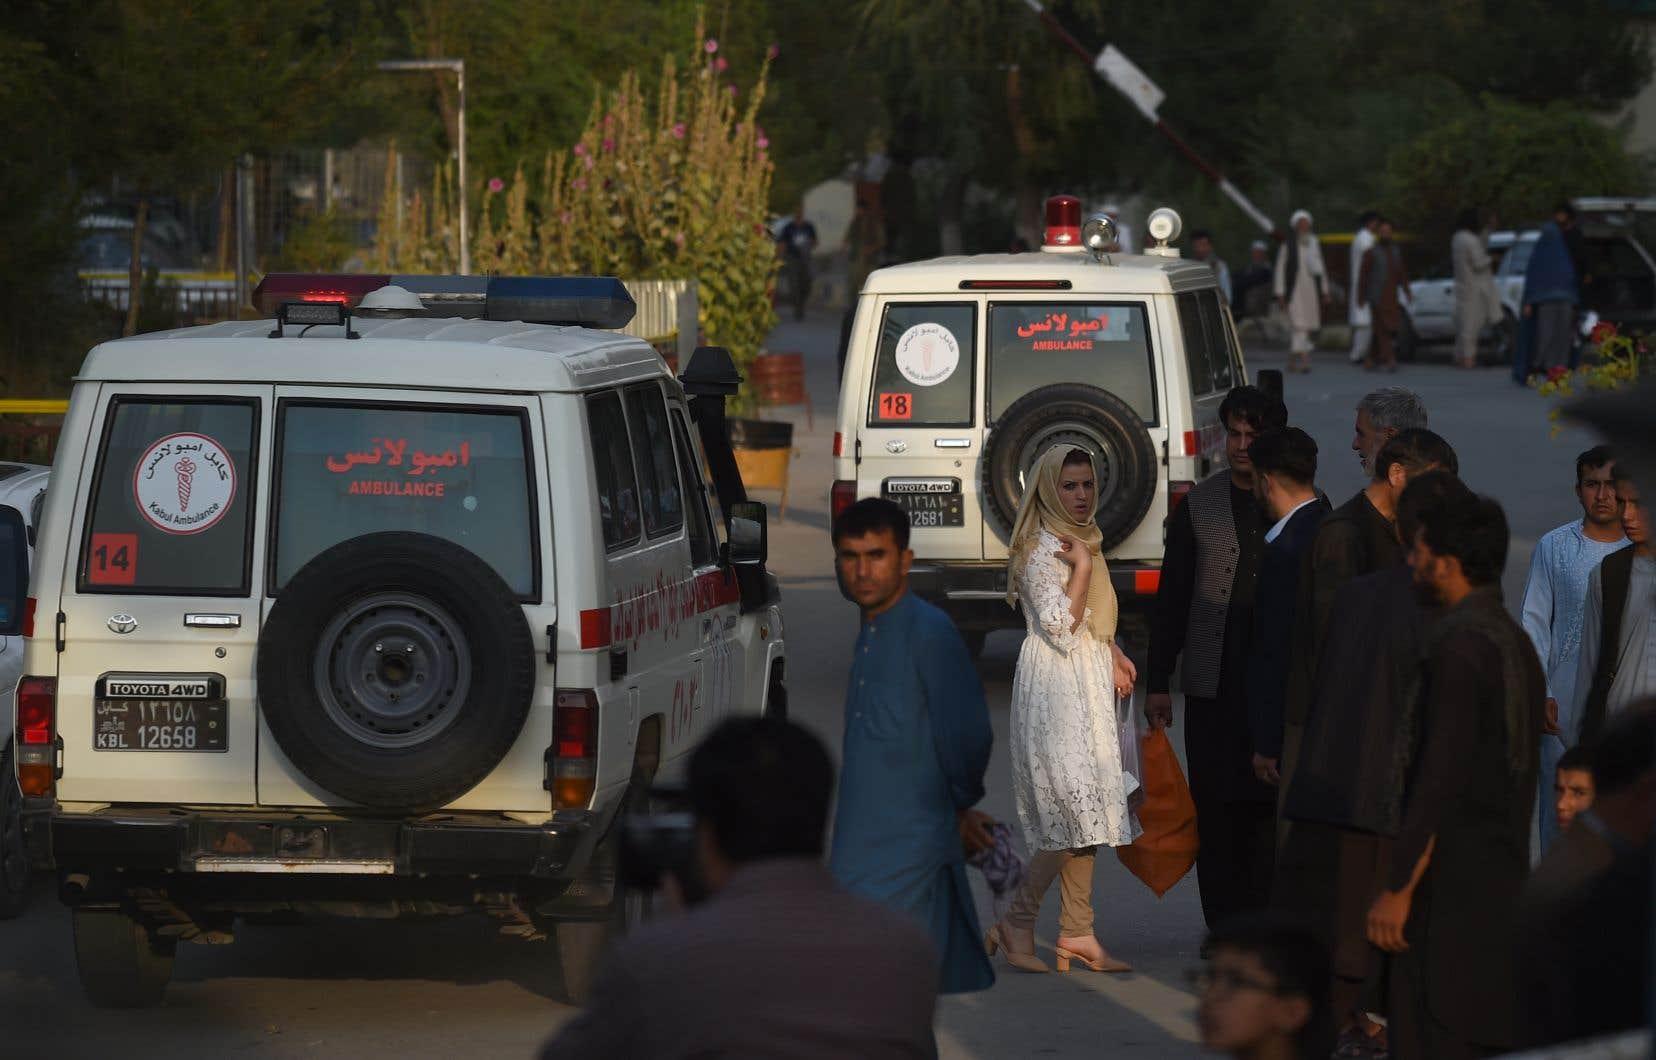 Selon un bilan provisoire du porte-parole du ministère de la Santé, Wahidullah Mayar, une personne a été tuée et 13 autres blessées.